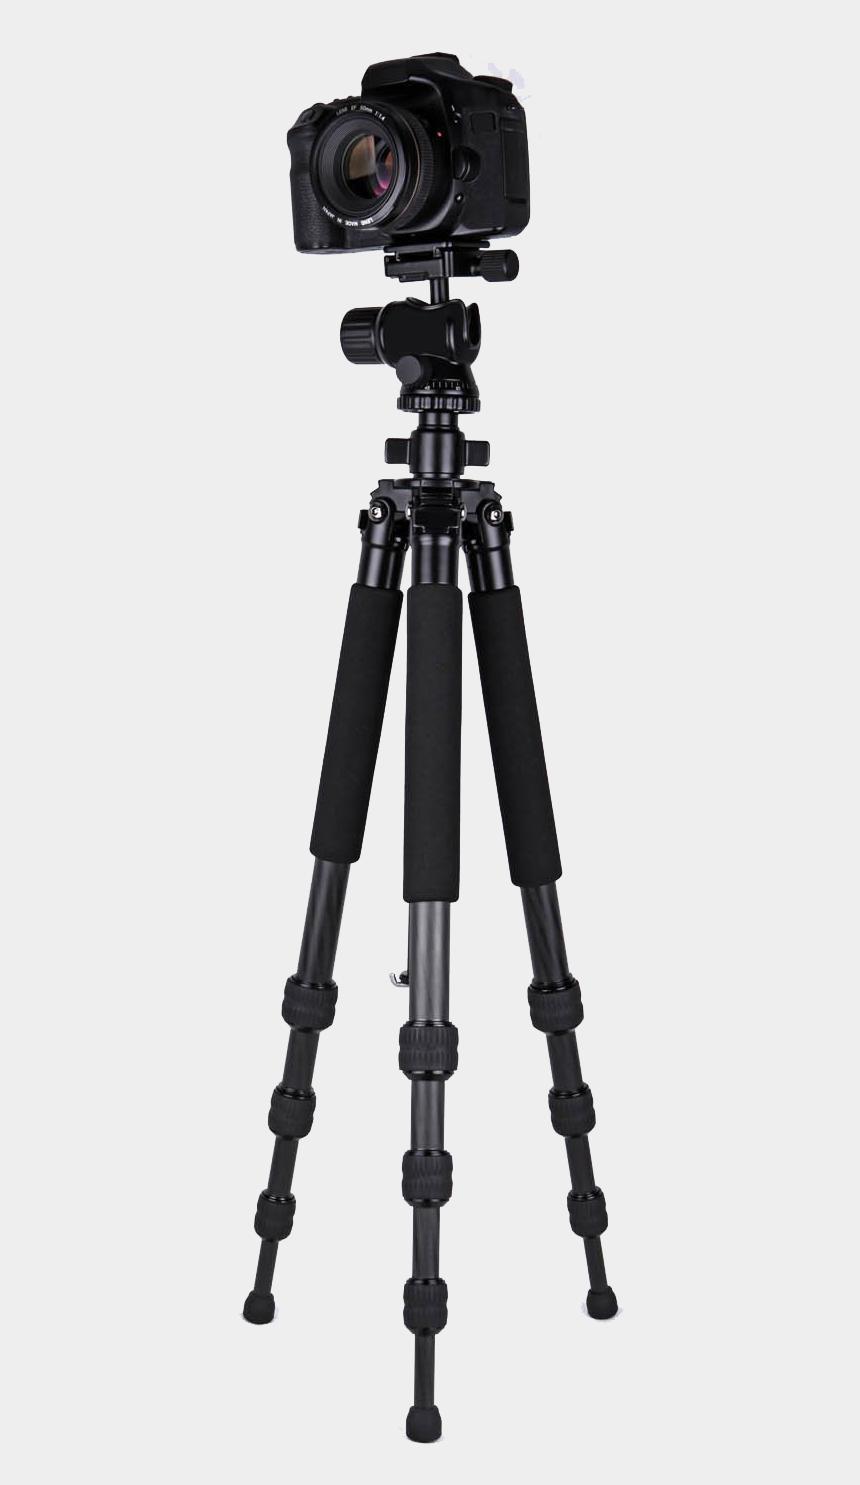 video camera clip art, Cartoons - Video Camera Tripod Png Image - Camera On Tripod Transparent